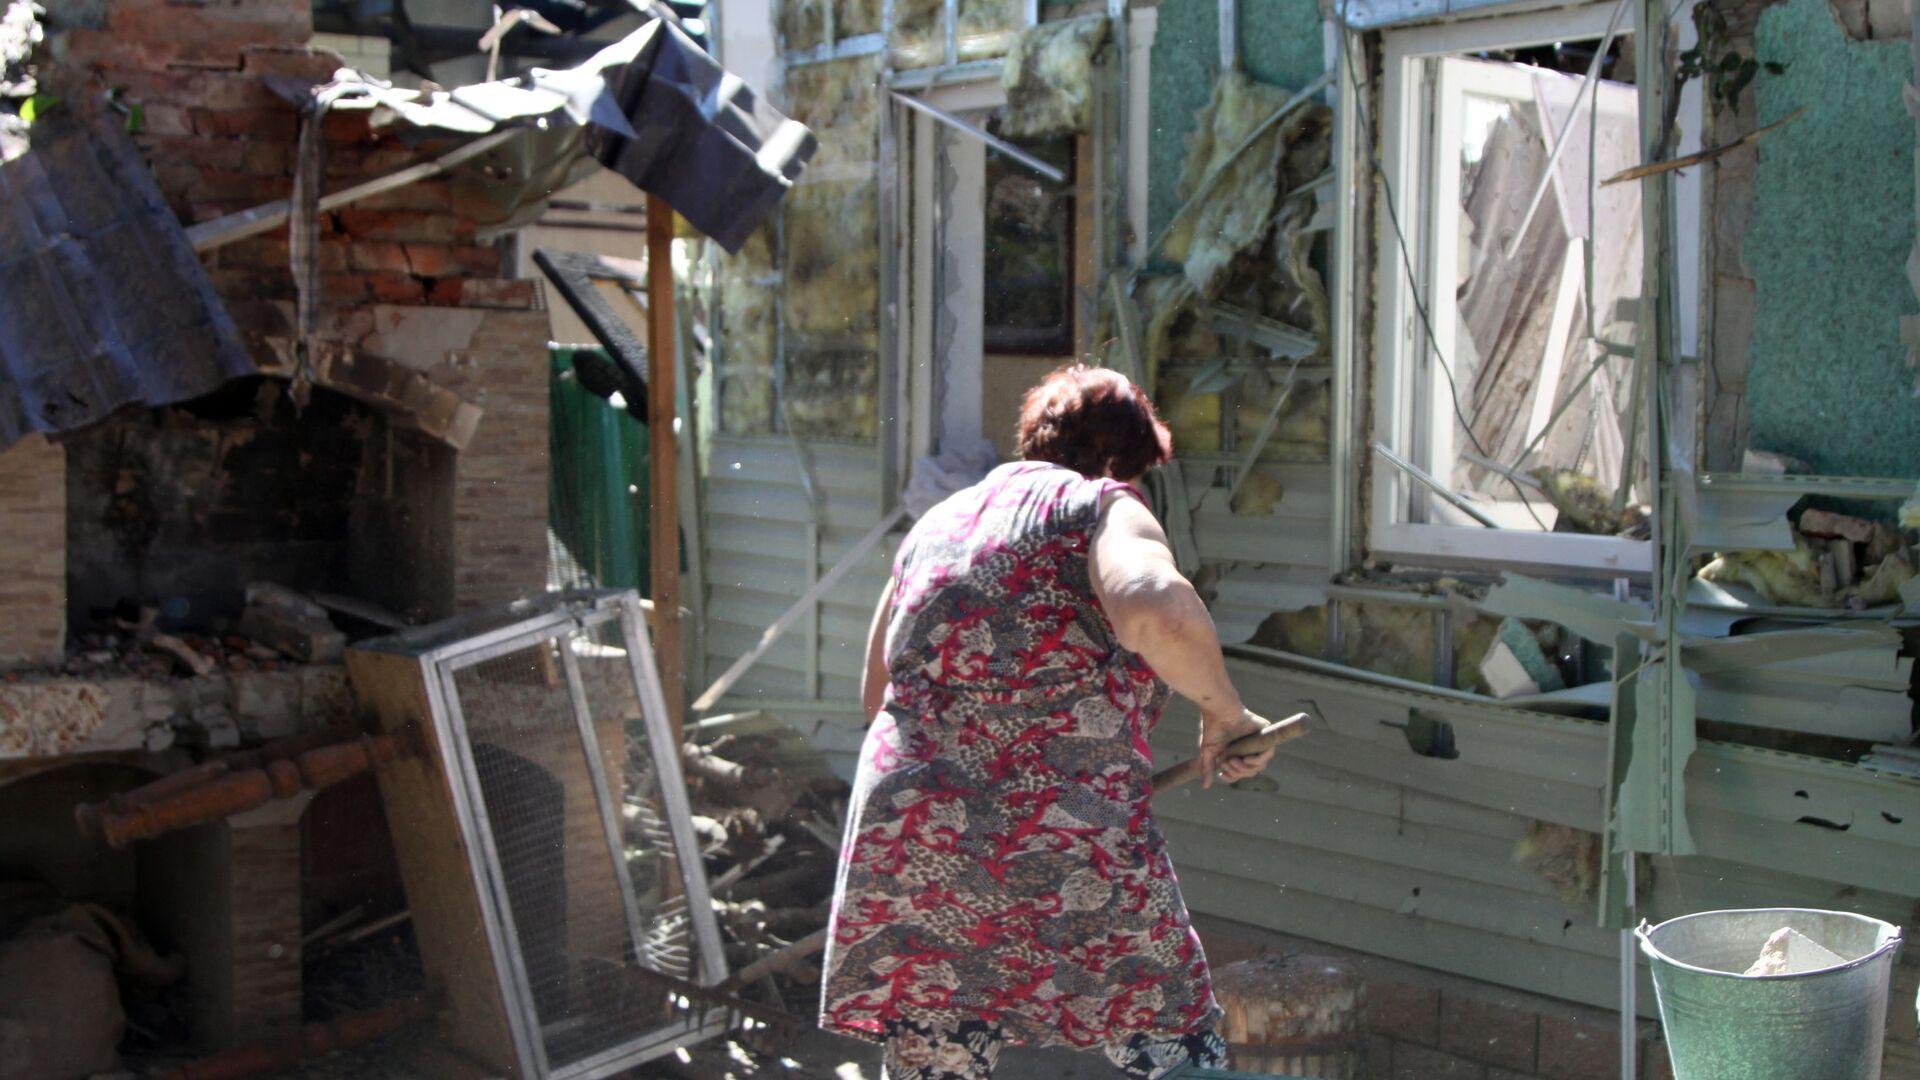 Женщина убирает мусор во дворе жилого дома в Донецке, пострадавшего в результате обстрела - Sputnik Ўзбекистон, 1920, 24.08.2021